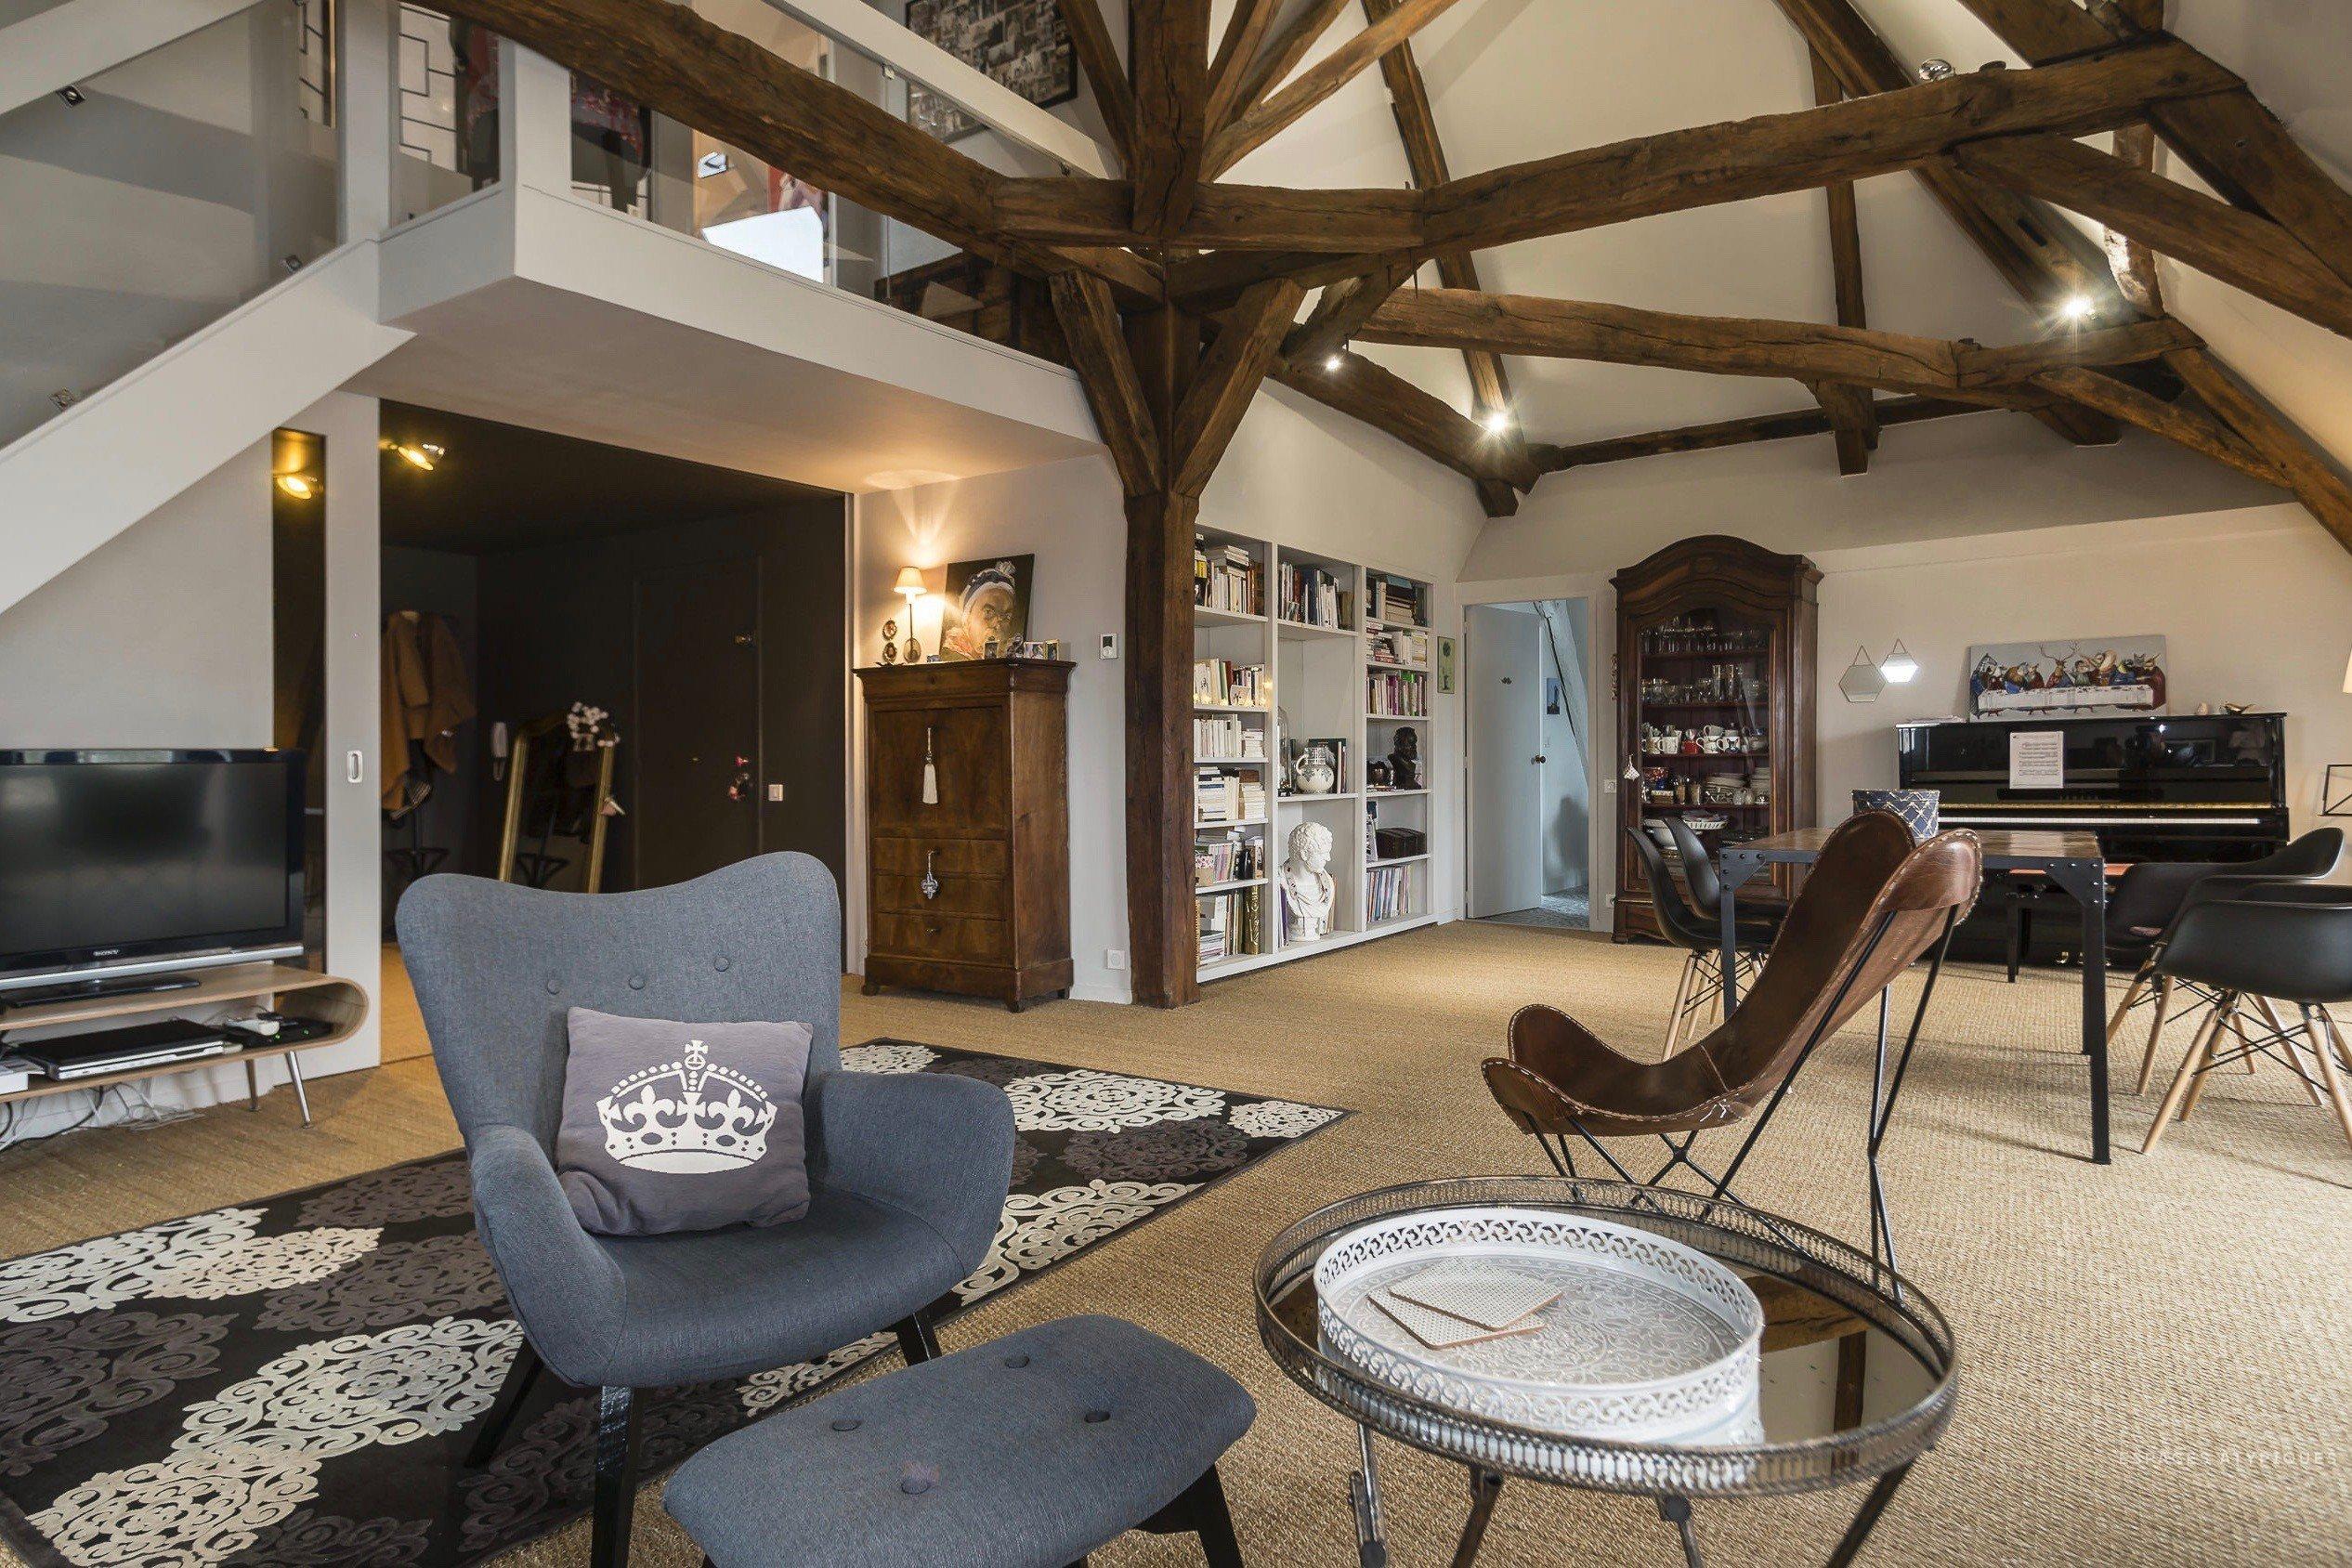 Loftové bydlení je dnes stále populárnější. Vzniká přebudováním půdních prostor a starých průmyslových budov v moderní byty. Využívá vysokých stropů, industriálních prvků a dává na odiv svou jedinečnost. Loft, do kterého dnes nahlédneme se nachází ve Francii a jeho rozloha činí až 174 m2.